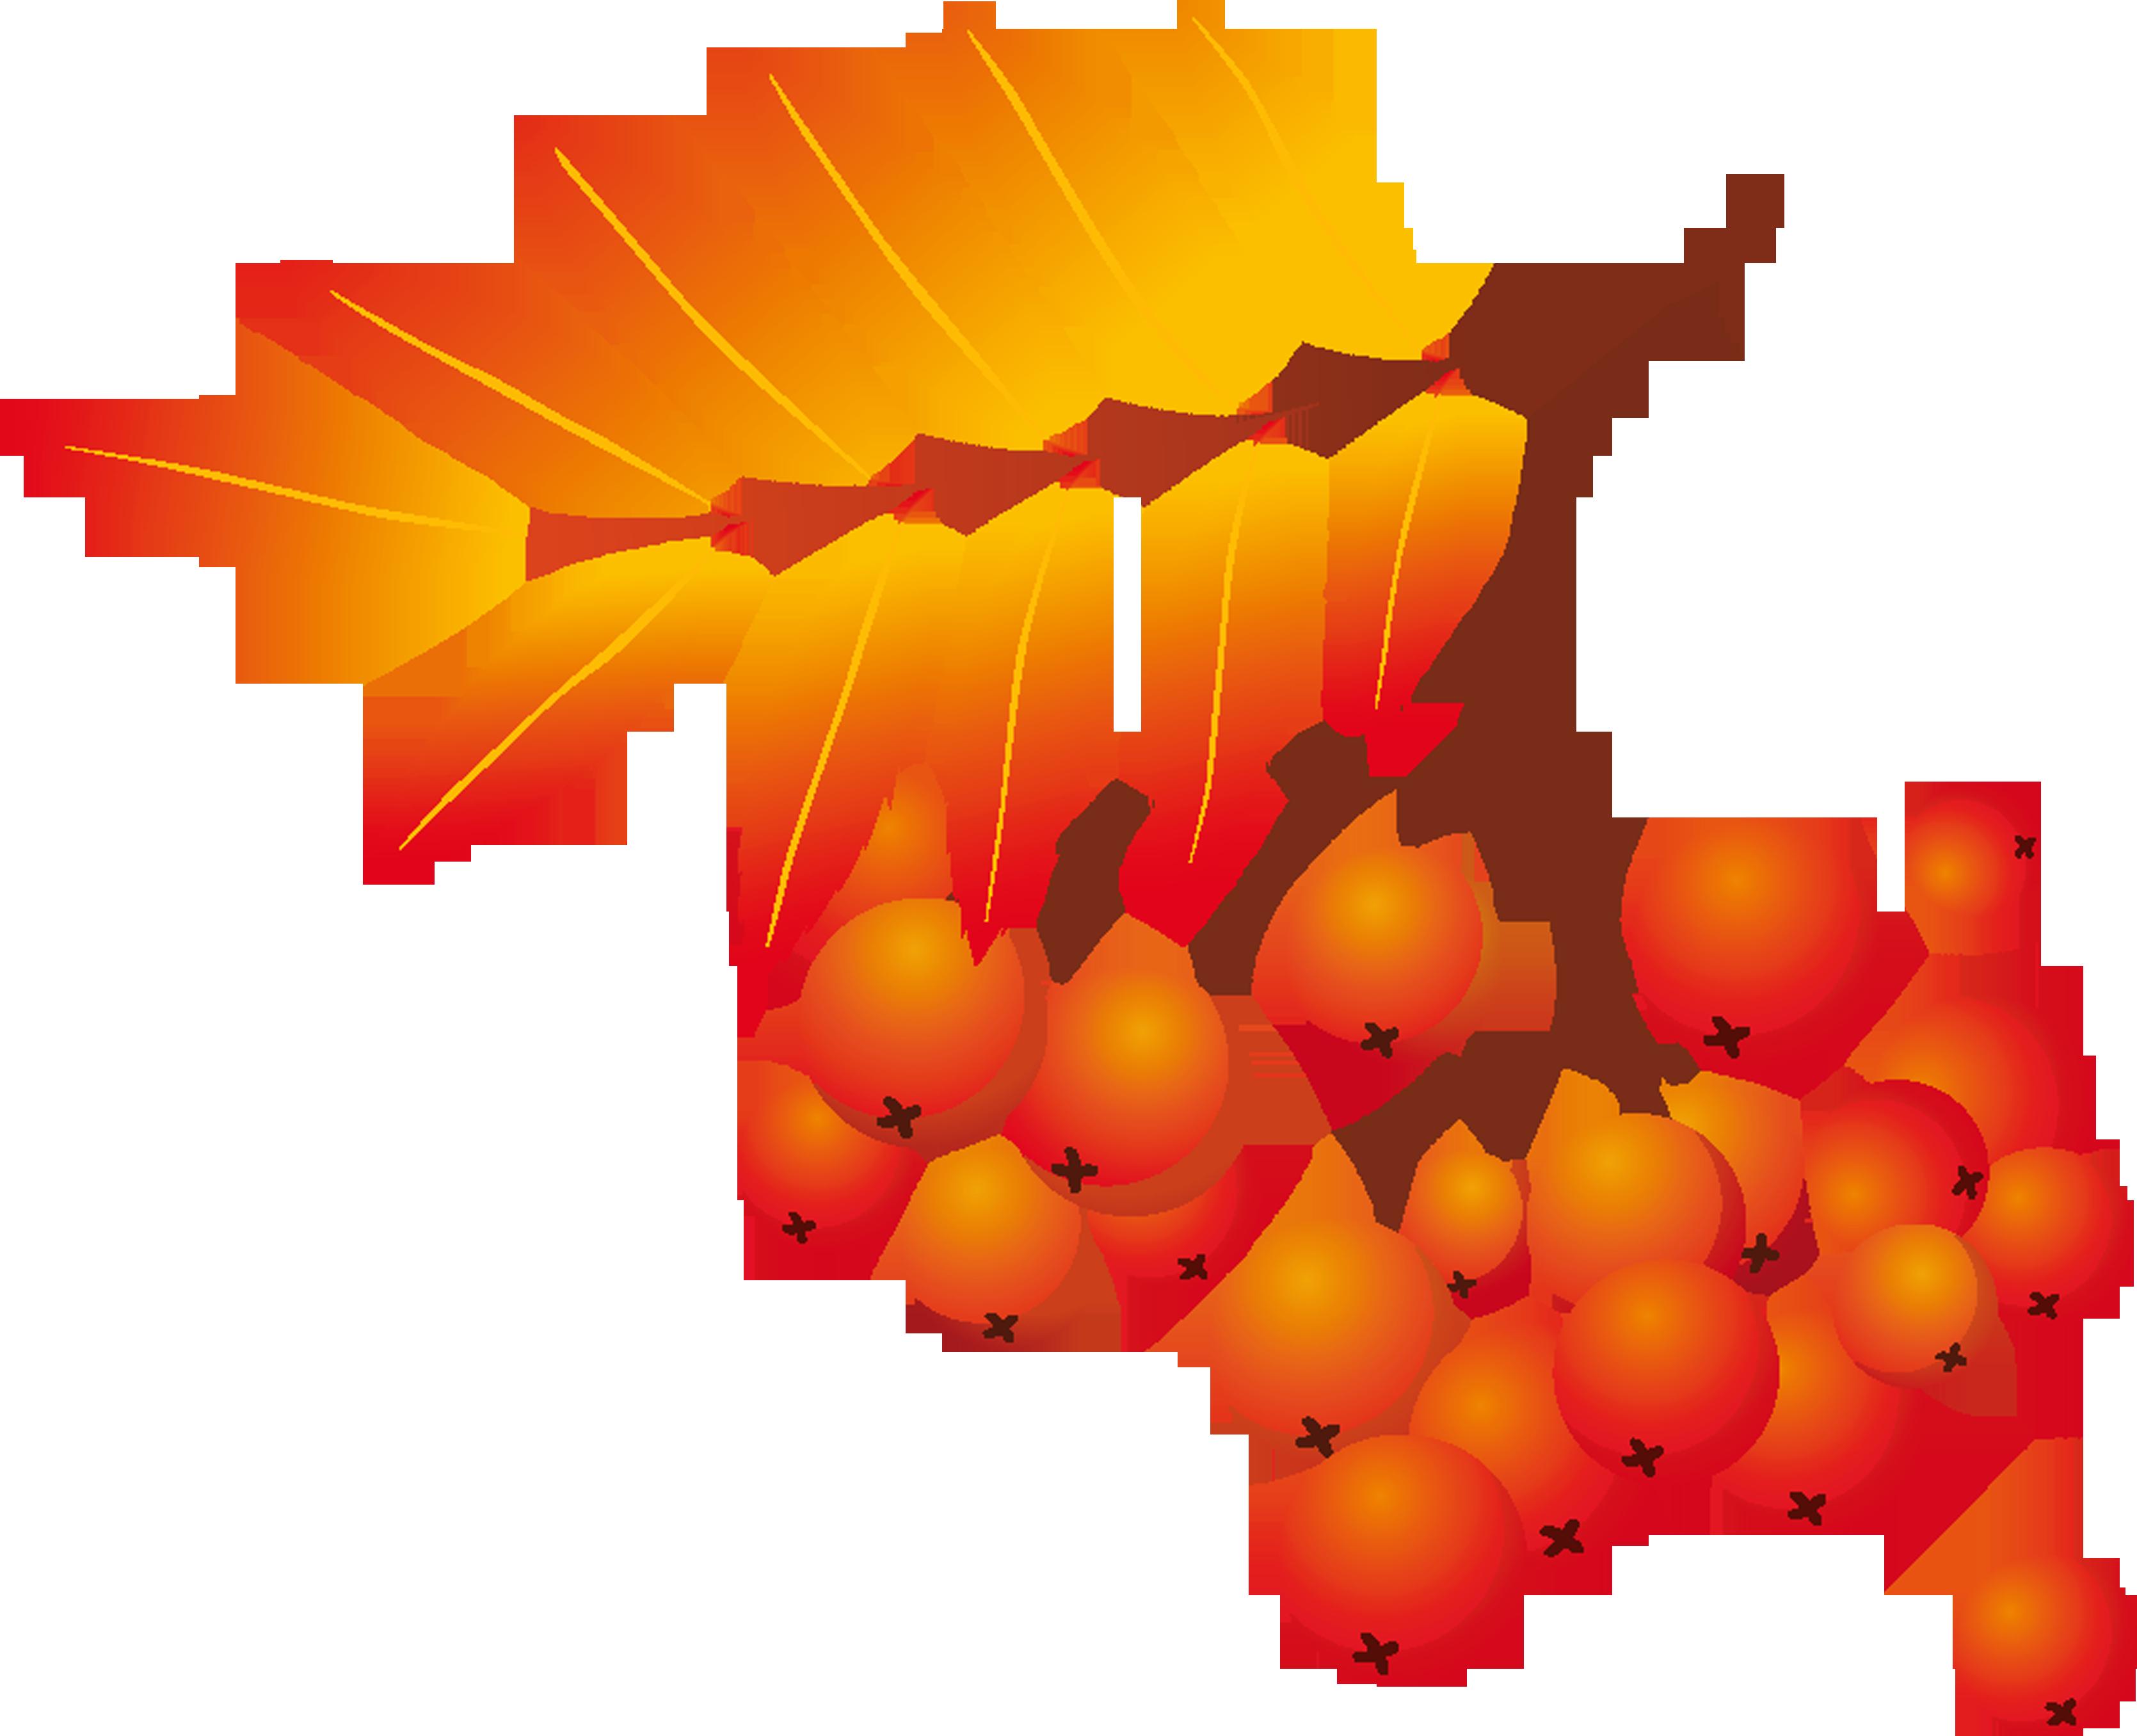 Картинка ветки рябины с ягодами, самый